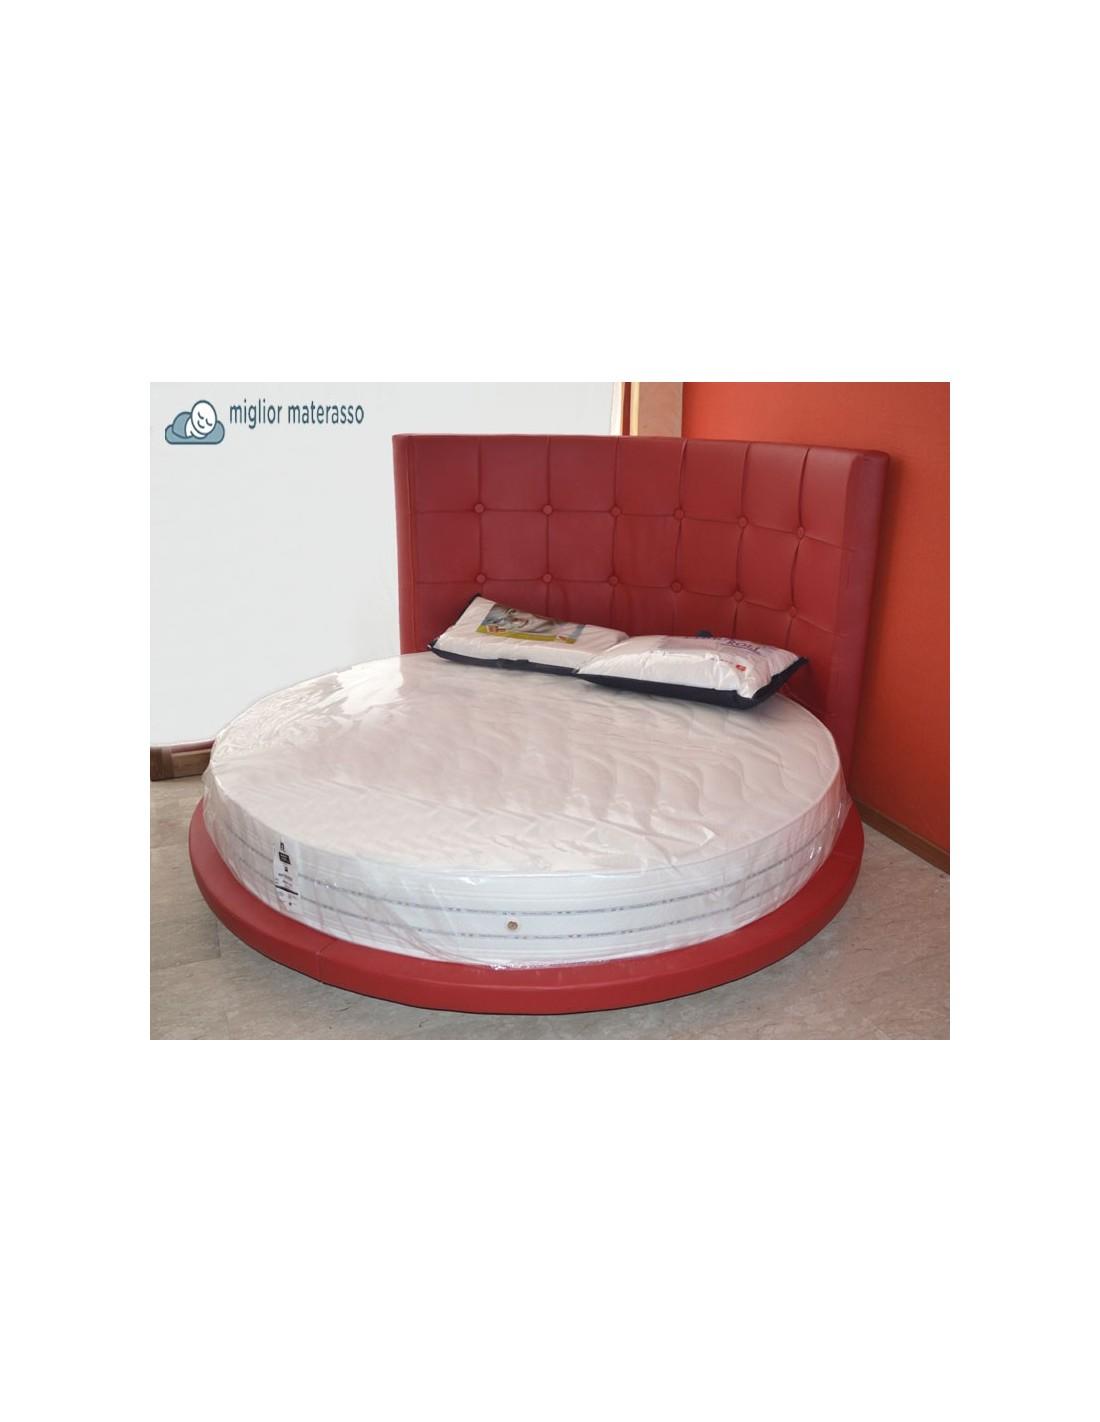 Materasso rotondo prezzo scontato per letto tondo con diametro 220 cm